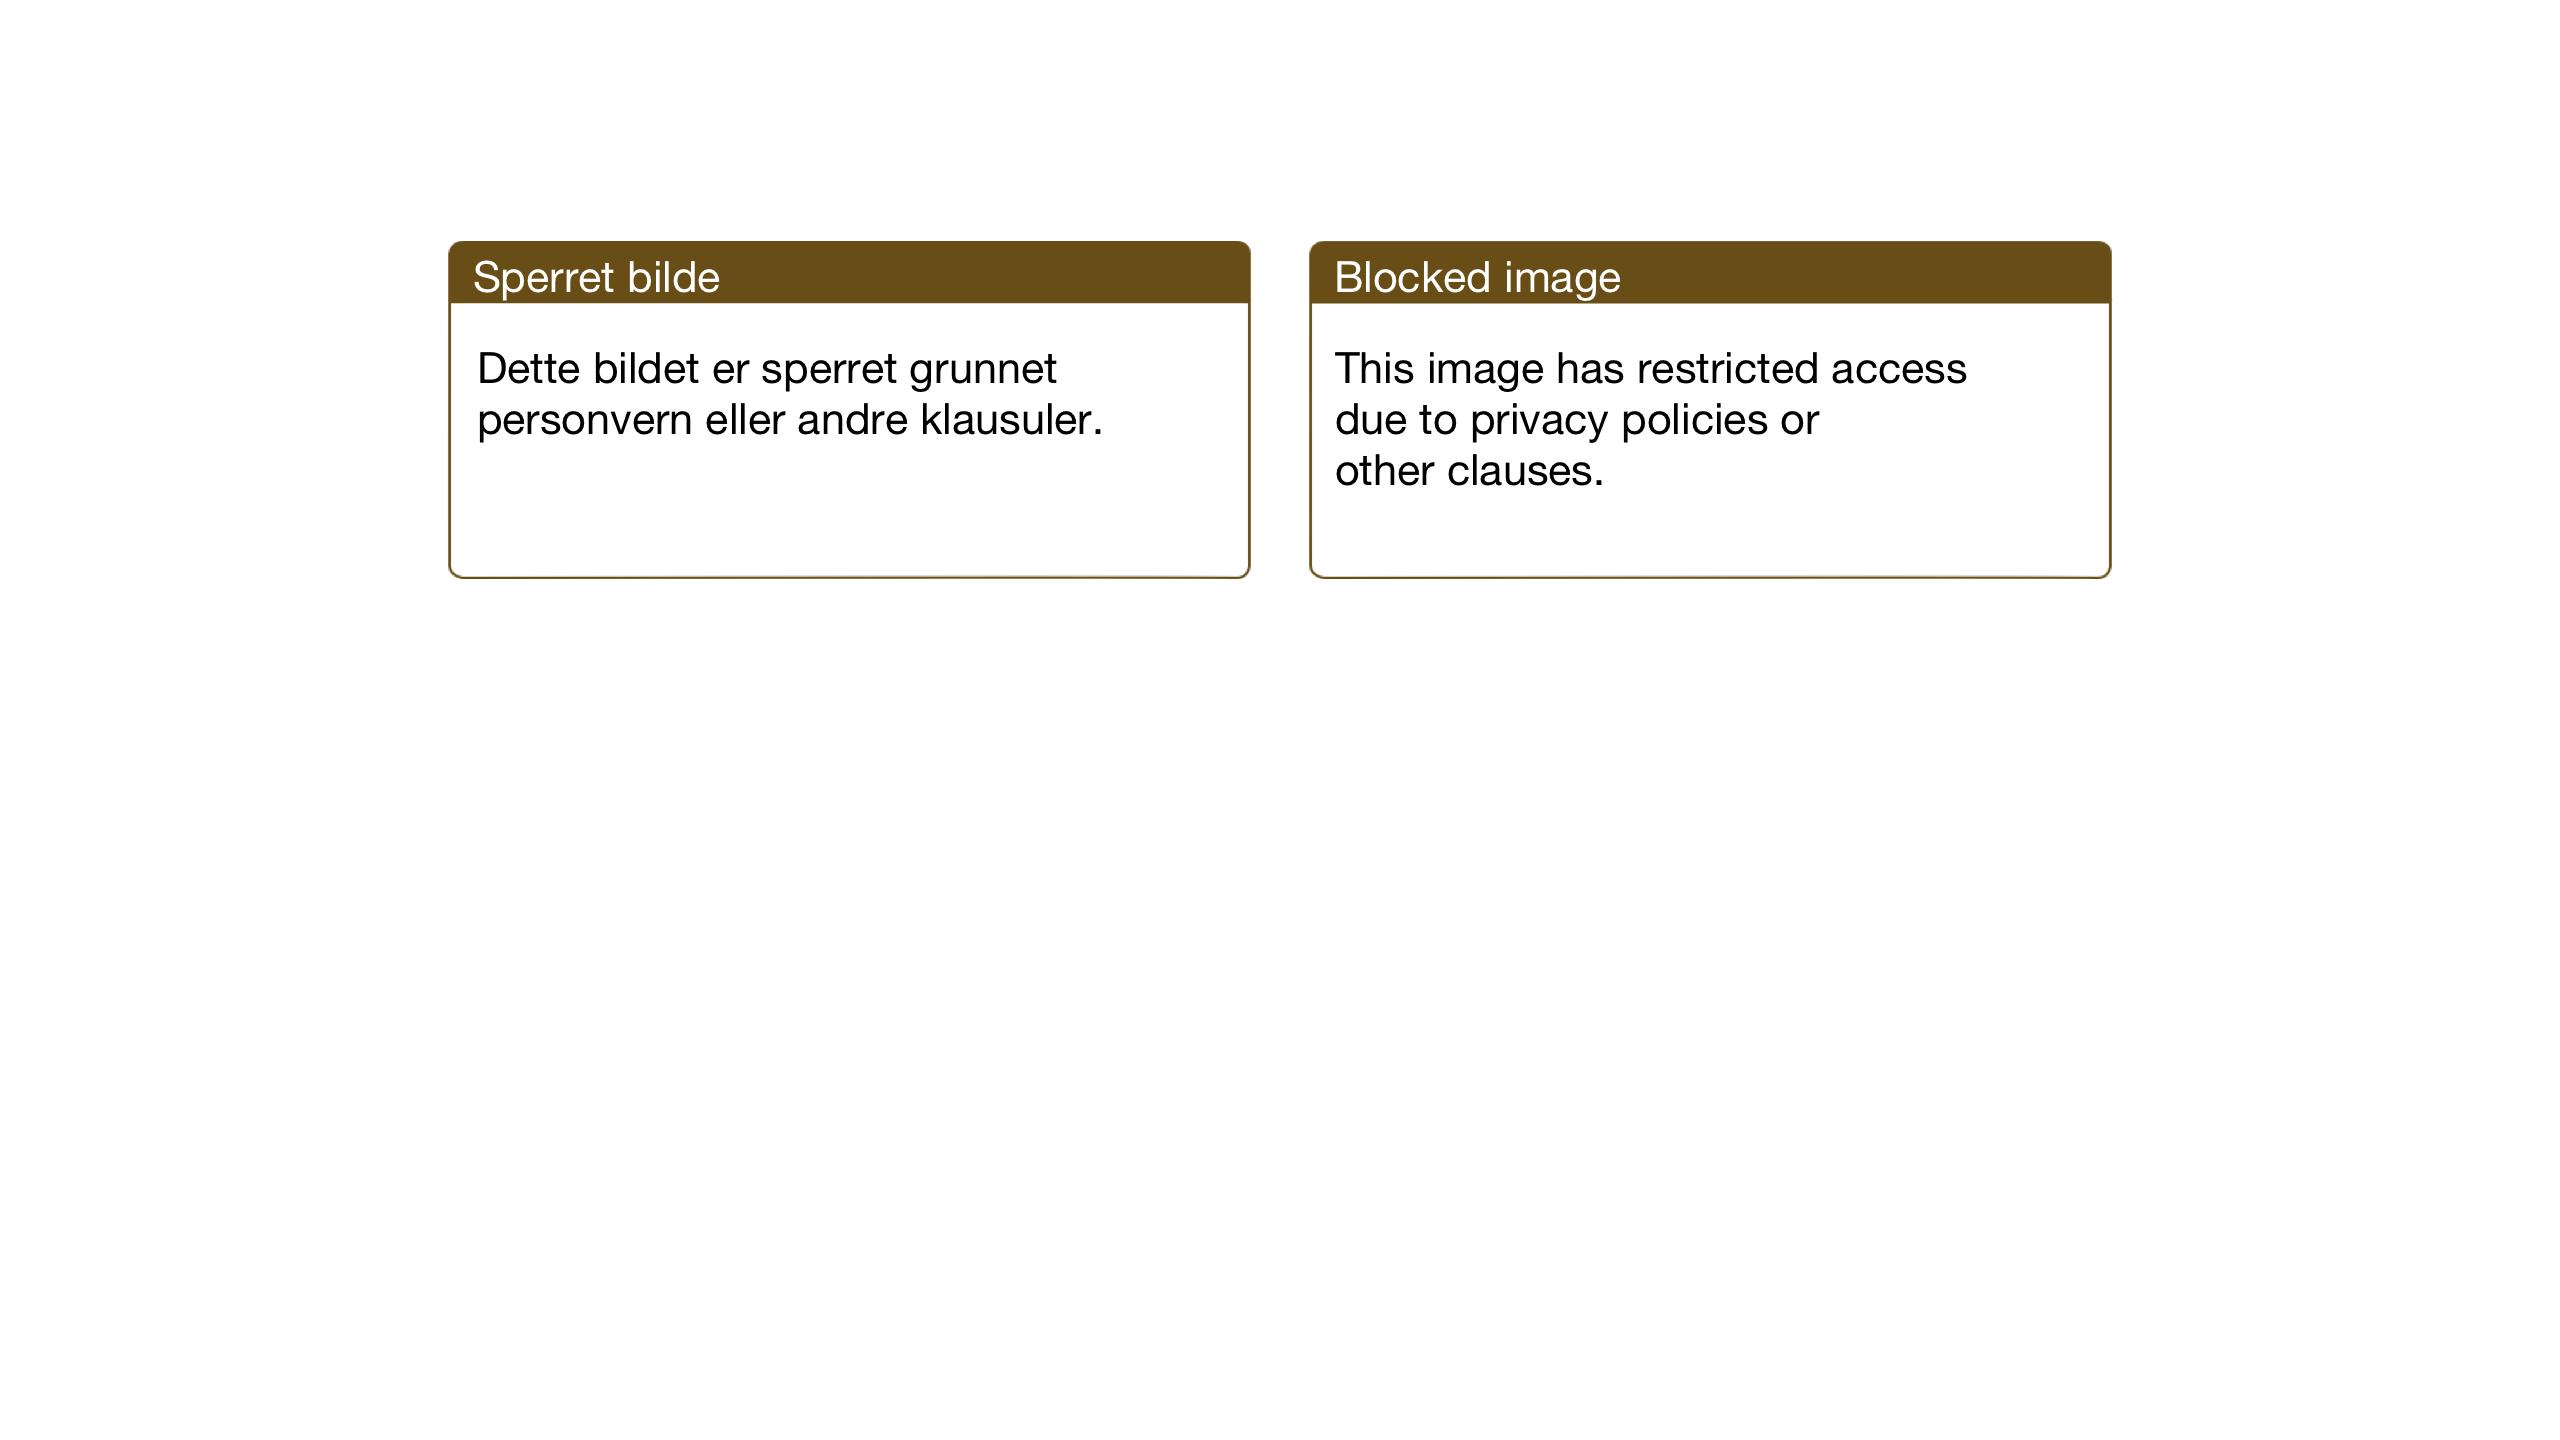 SAT, Ministerialprotokoller, klokkerbøker og fødselsregistre - Sør-Trøndelag, 618/L0454: Klokkerbok nr. 618C05, 1926-1946, s. 74